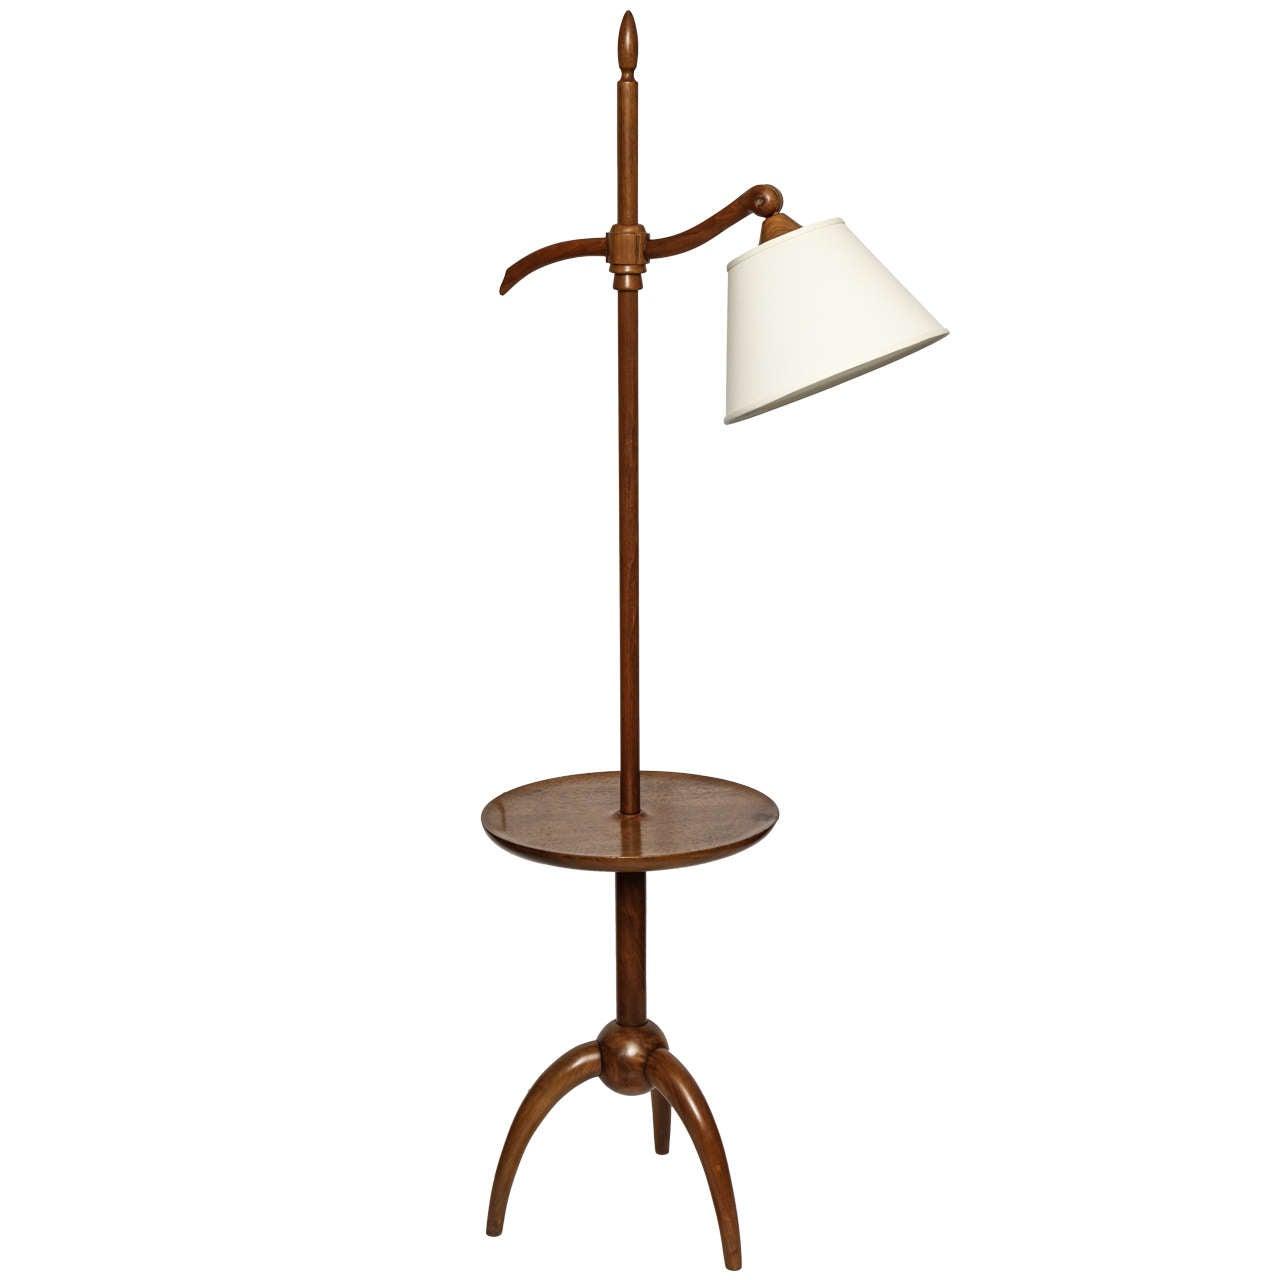 1940s Art Moderne Floor Lamp Attributed to Robsjohn-Gibbings